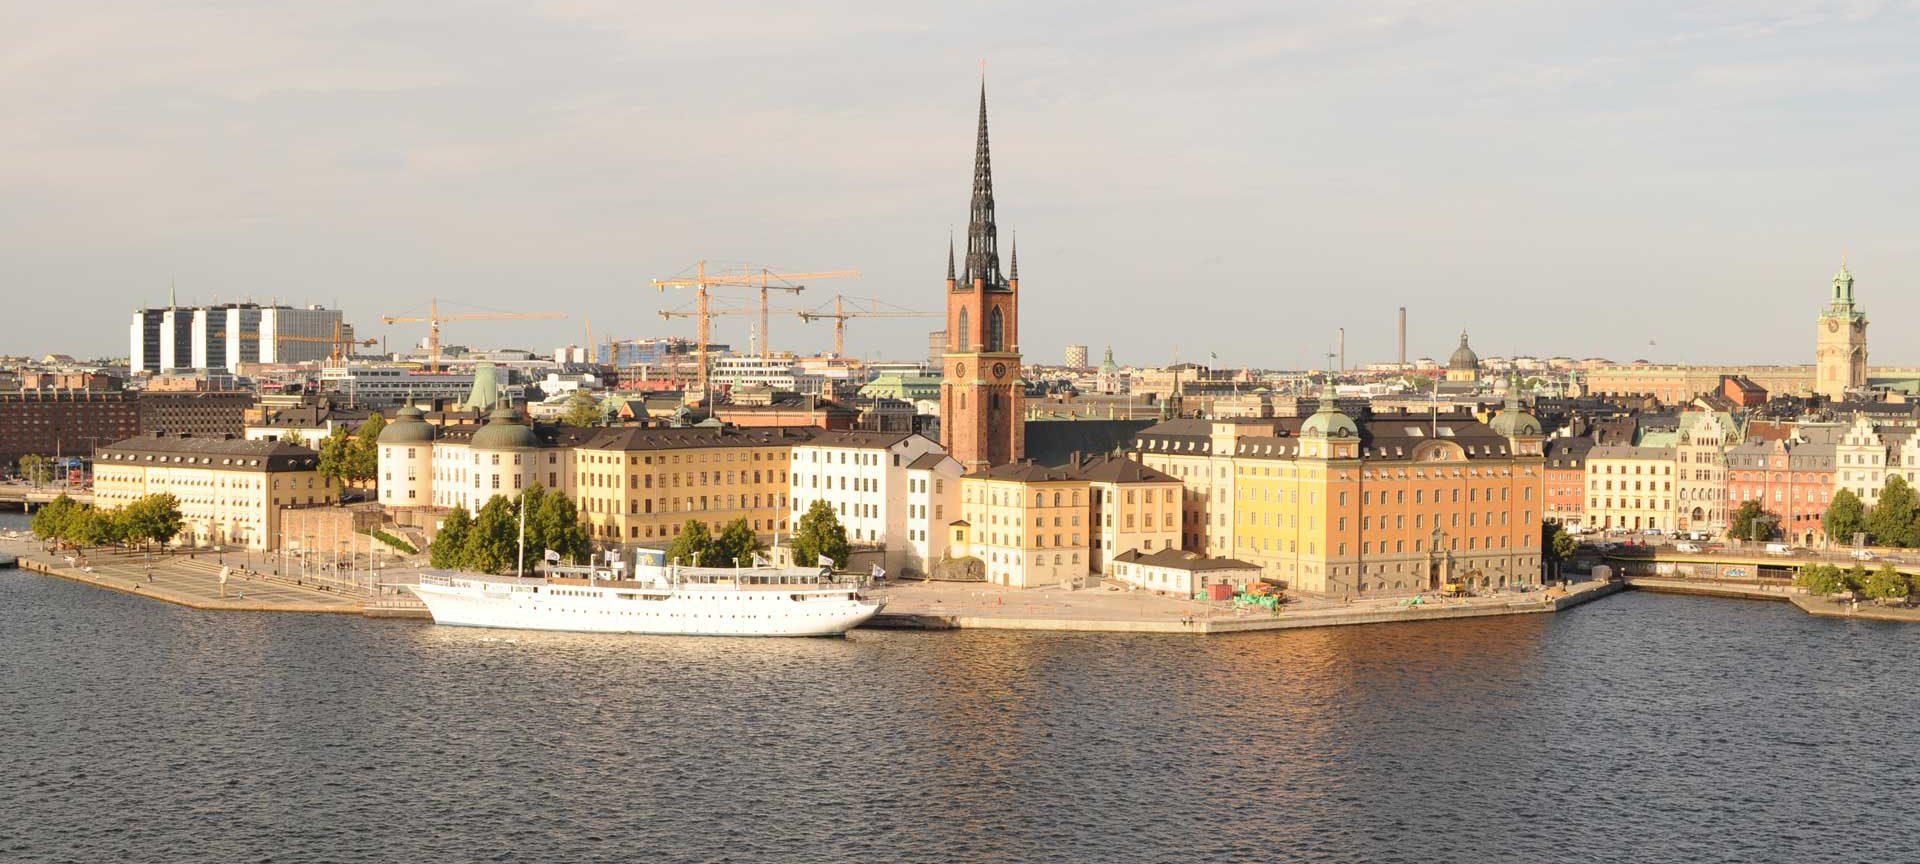 Der Monteliusvägen in Stockholm 5